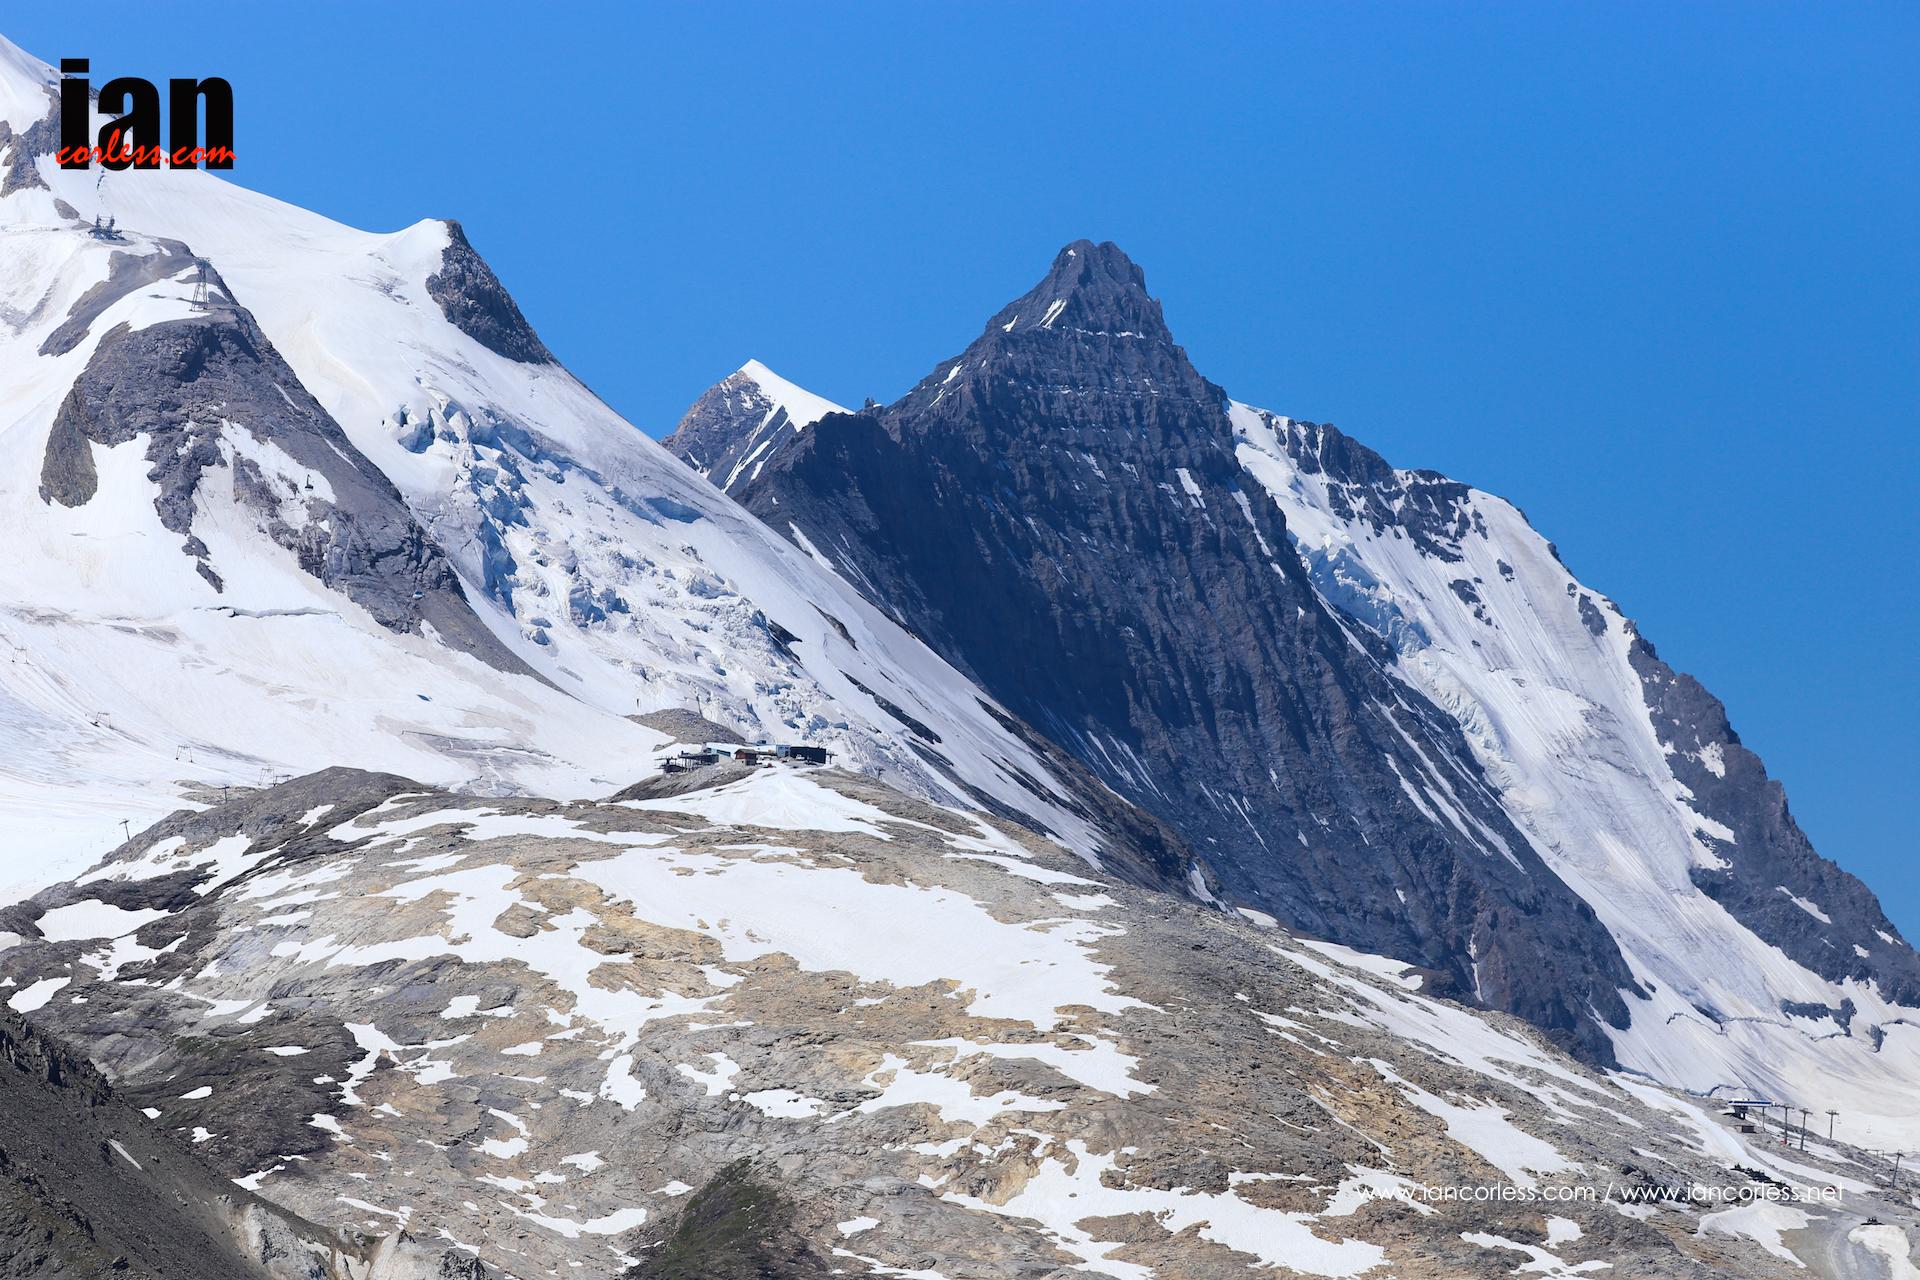 Kilomètre Vertical Face De Bellevarde 2015 – Val d'Isere